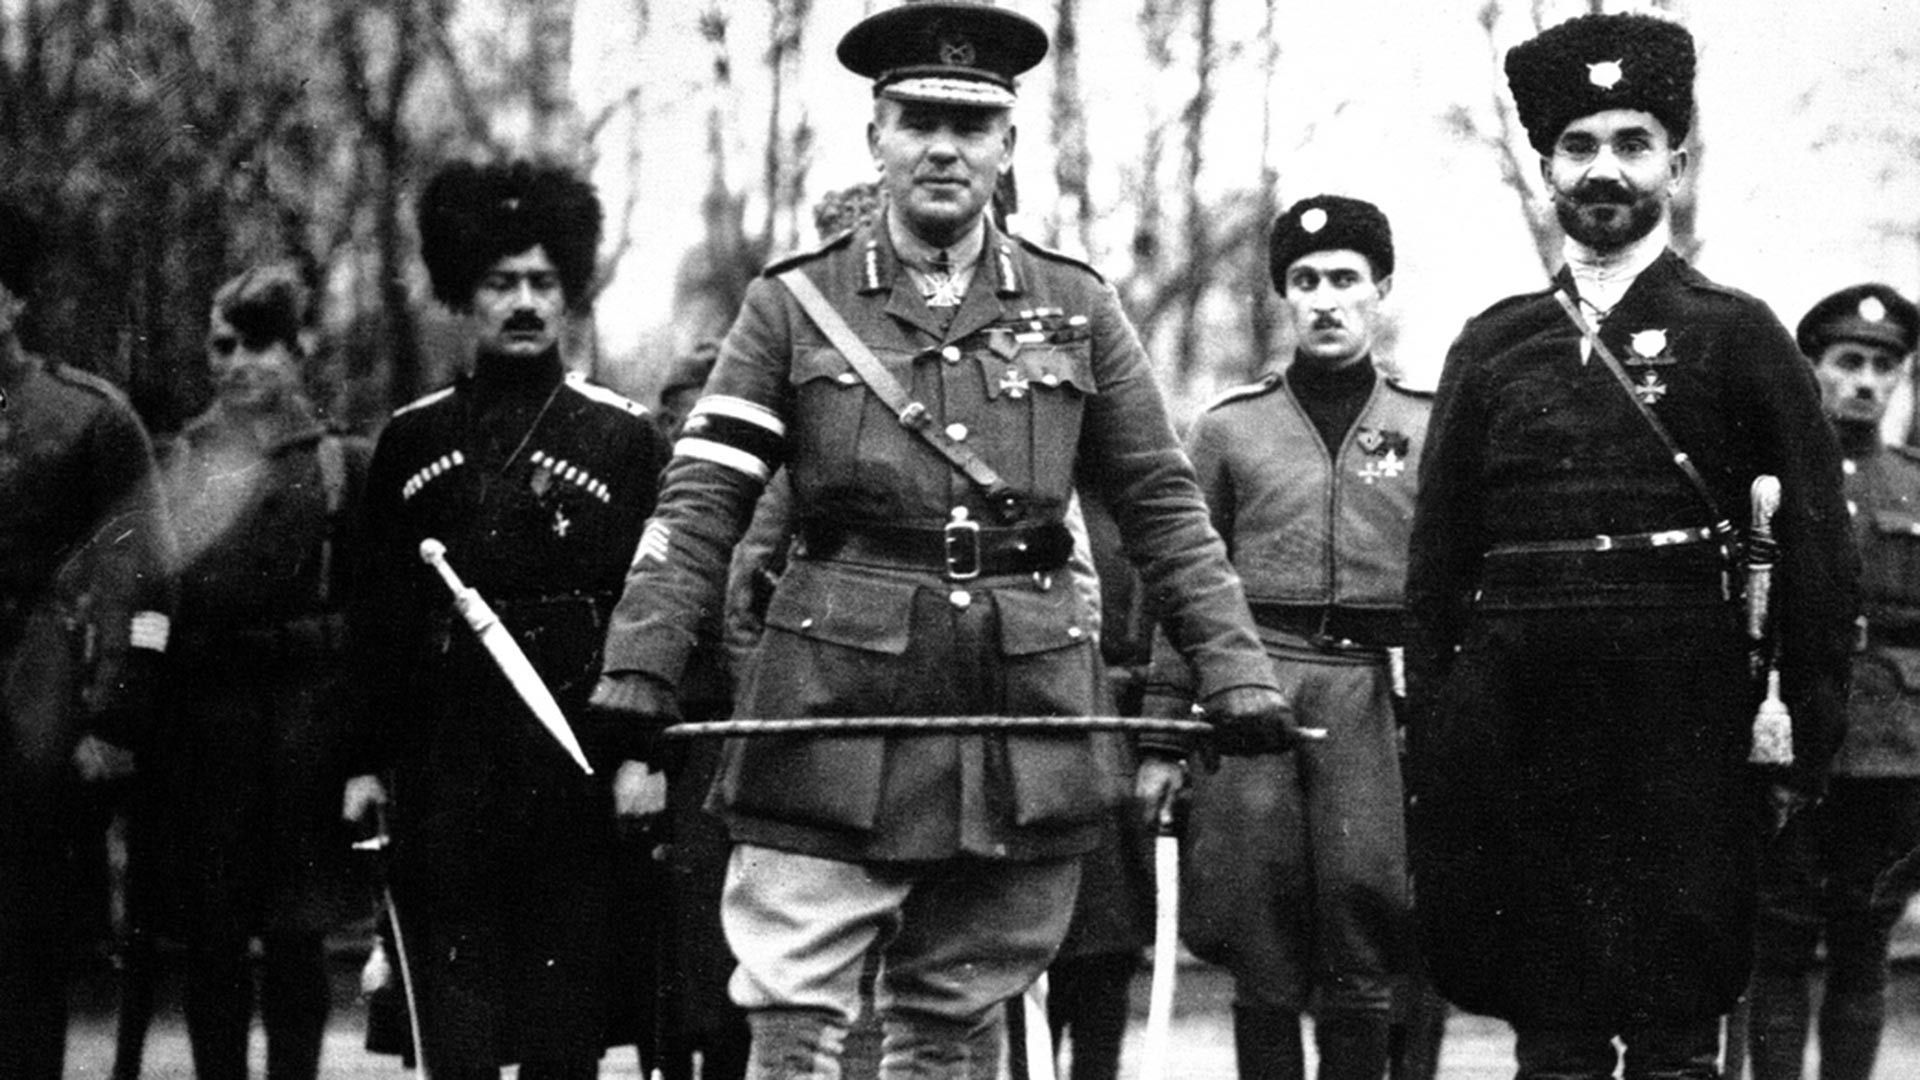 Der britische General Frederick C. Poole, der bis Oktober 1918 zusammen mit einigen Kosaken die alliierten Truppen in Archangelsk befehligte. Später bei der Weißen Armee in Südrussland stationiert.